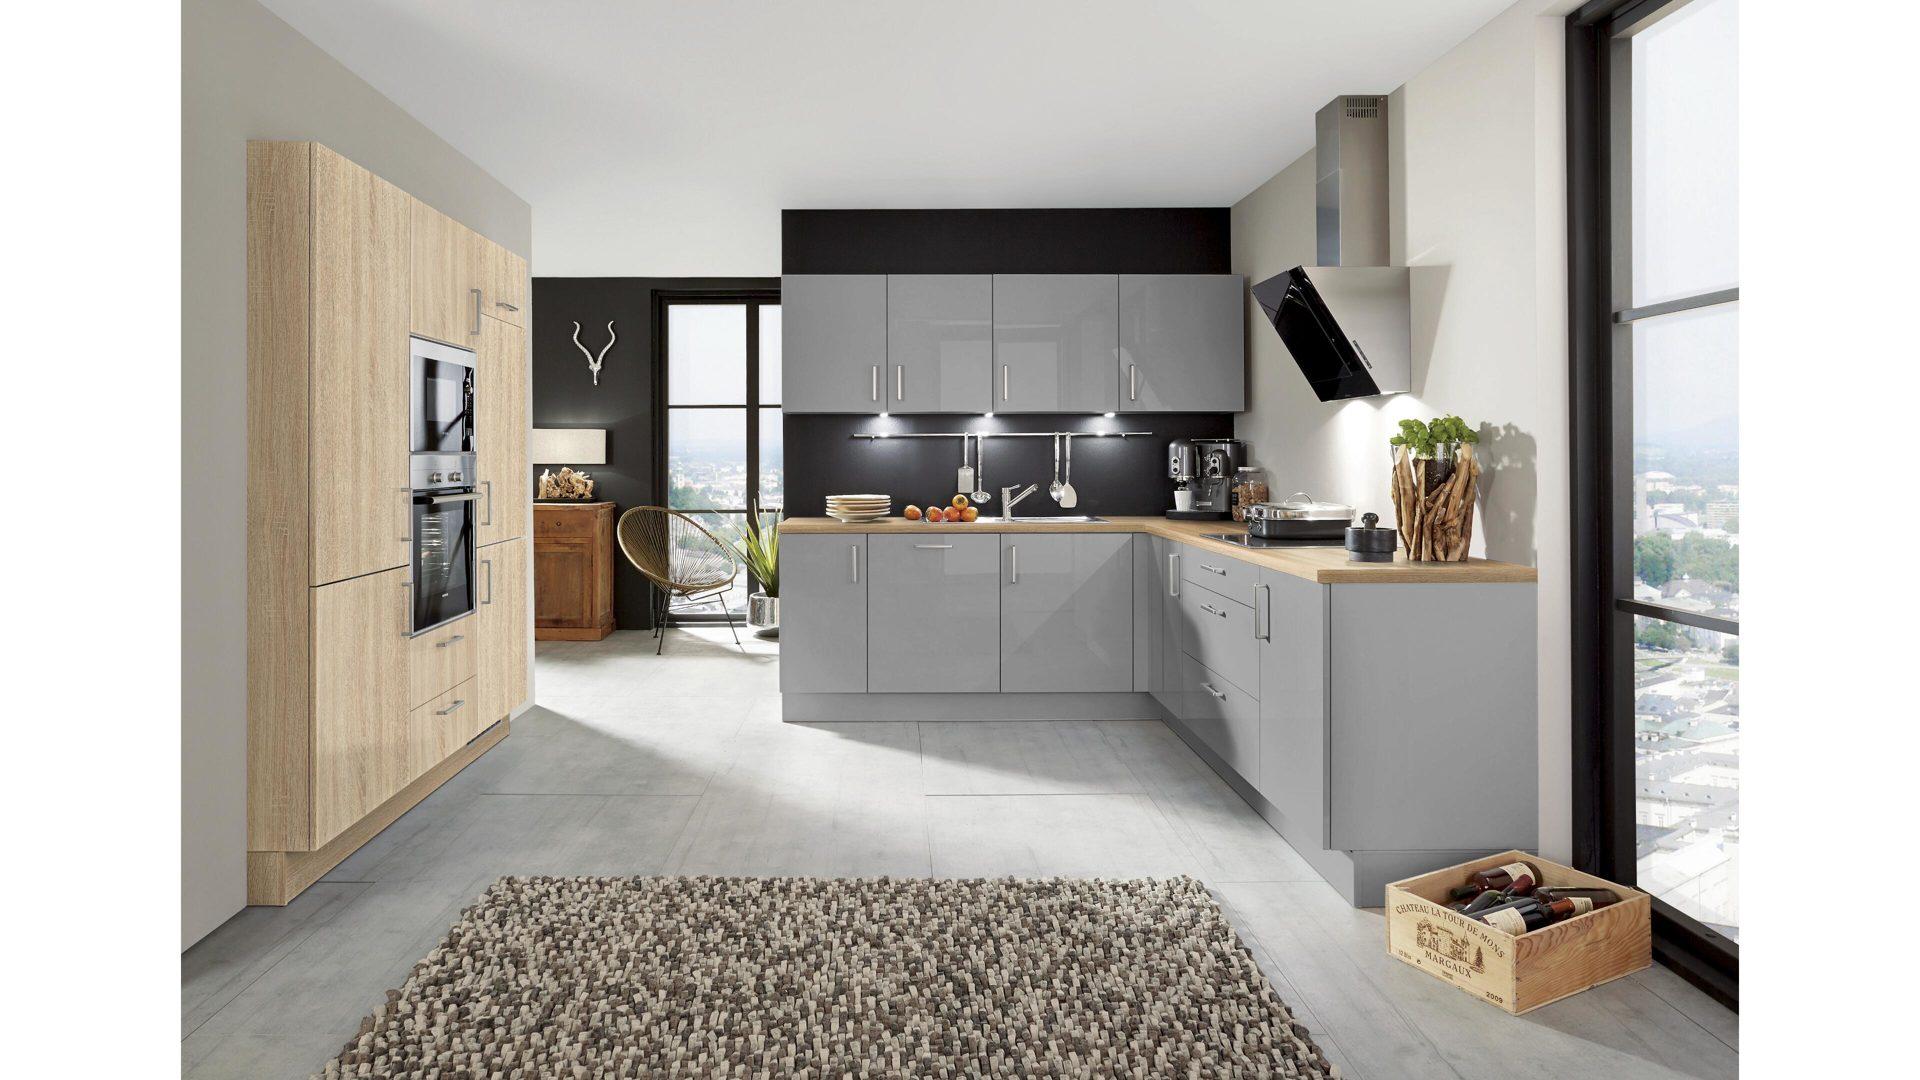 Siemens Kühlschrank In Betrieb Nehmen : Einbauküche mit siemens elektrogeräten wie kühlschrank etc